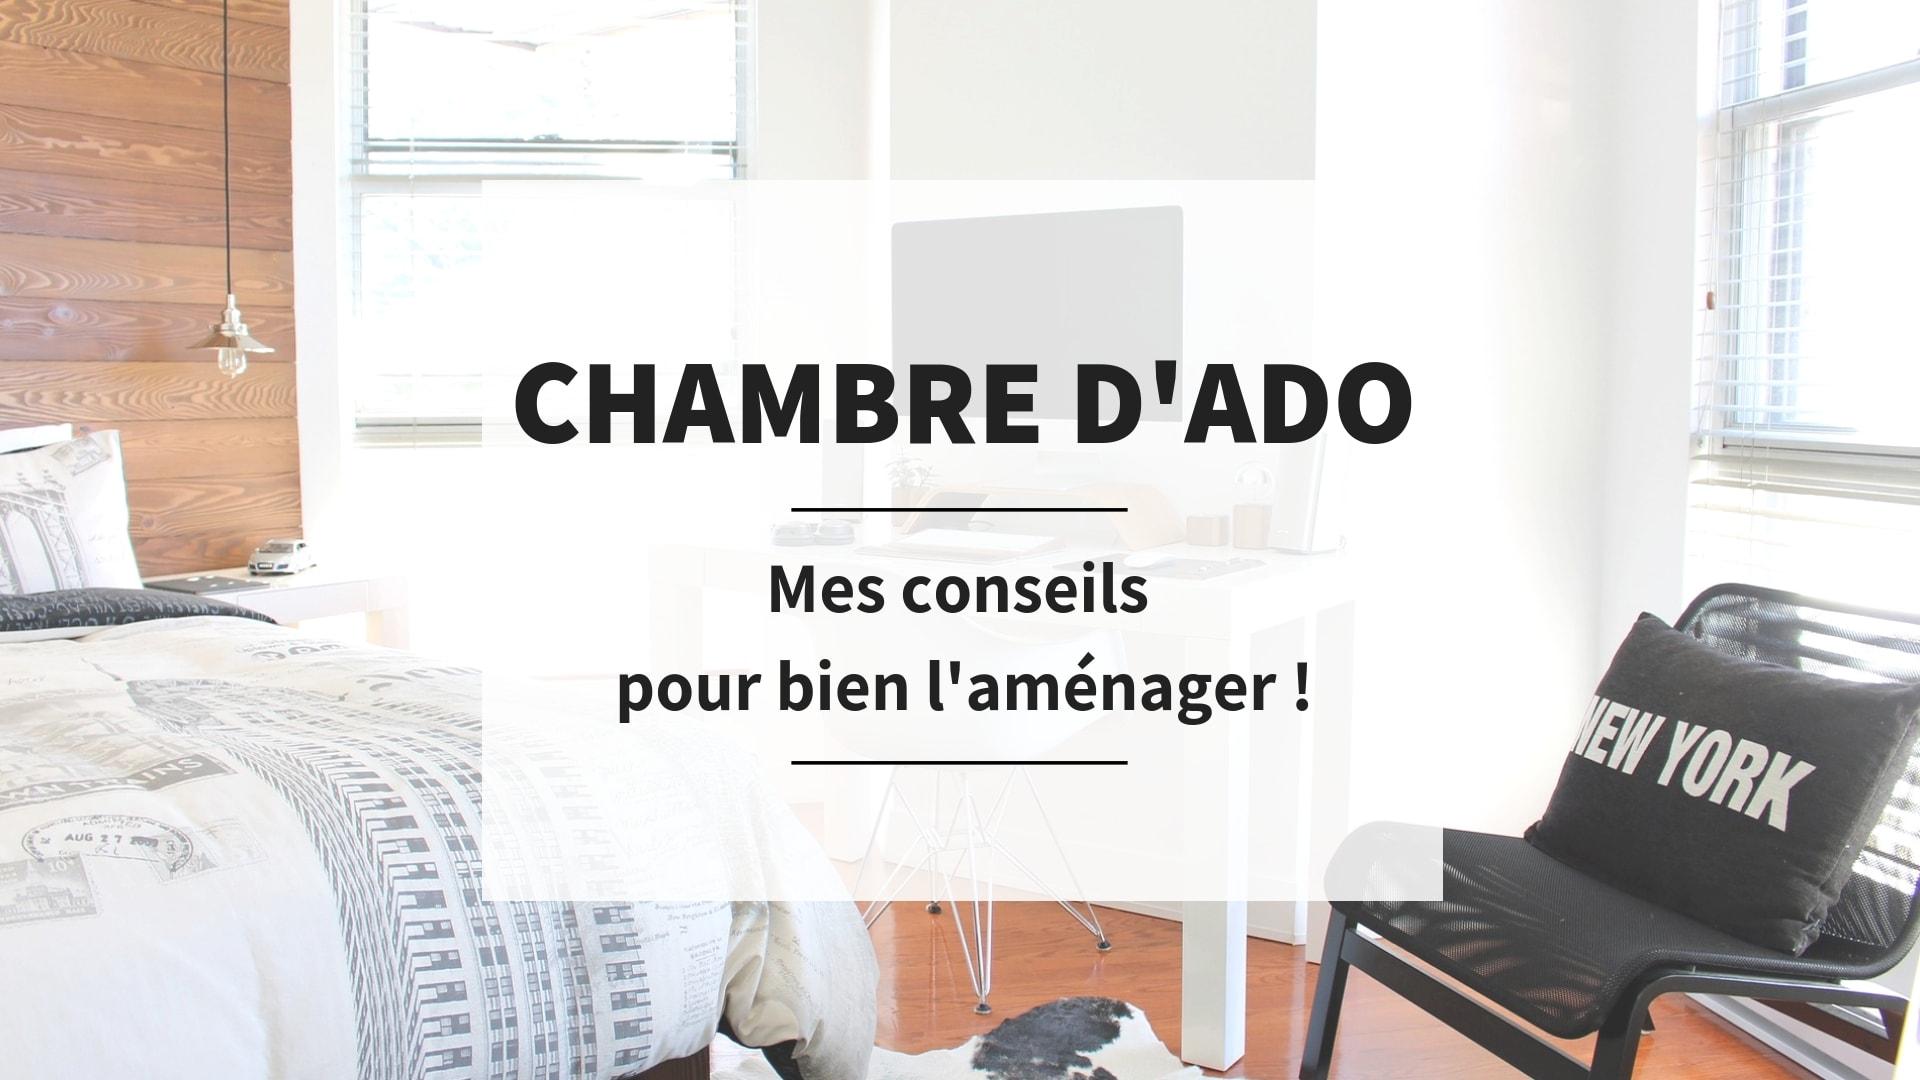 Idee Deco Chambre Londres chambre d'ado, comment bien l'aménager ? - bouillon d'idées